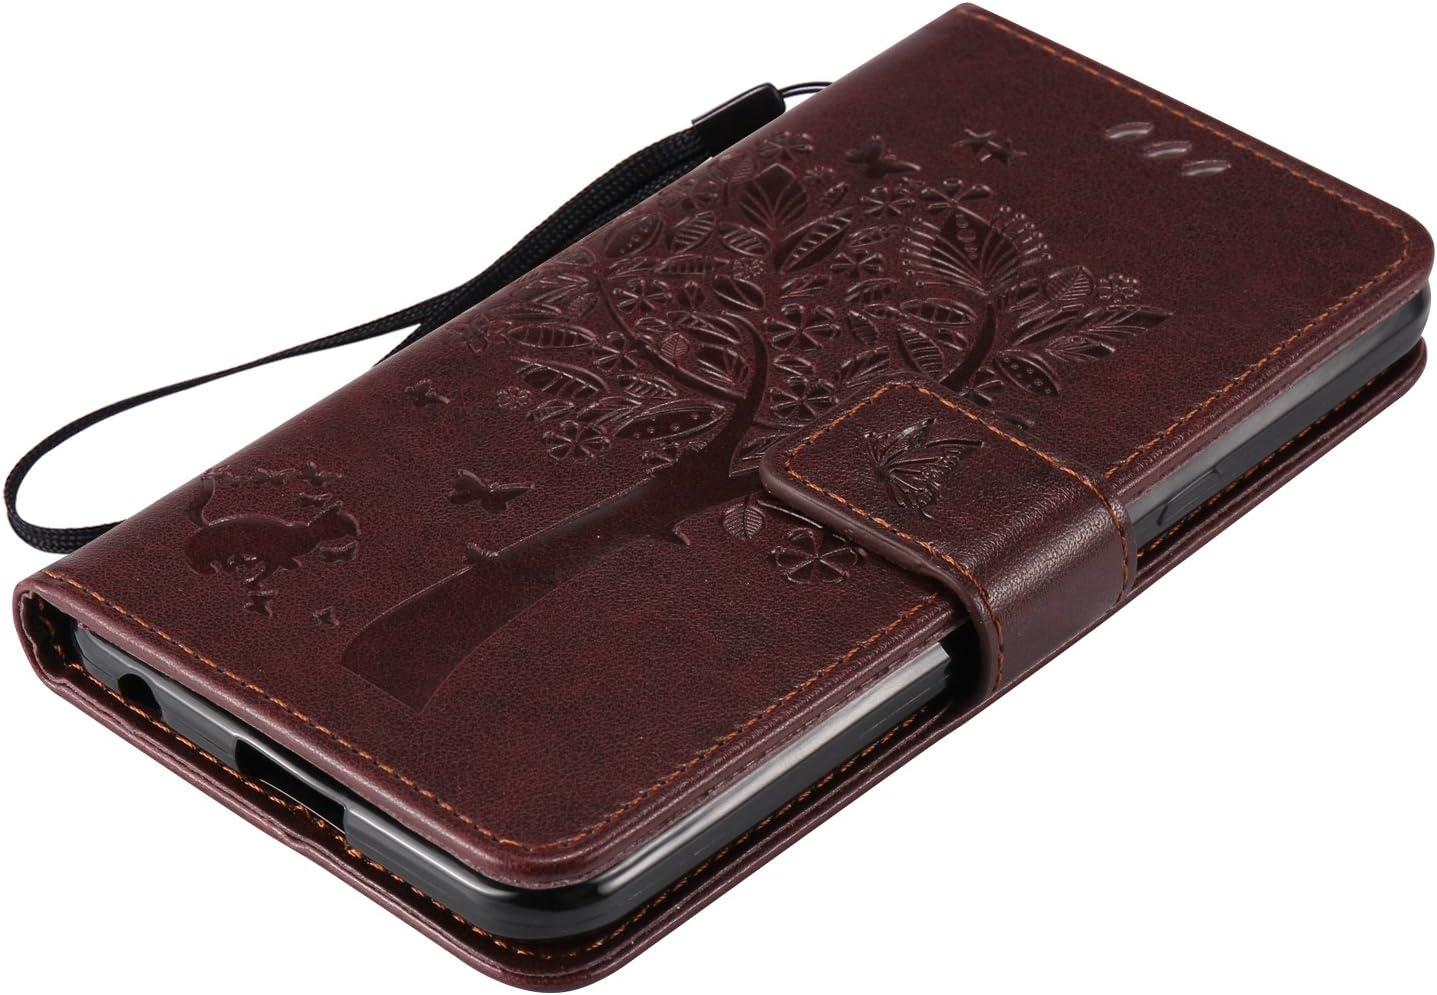 Docrax LG X Power Lederh/ülle - DOKTU41921 Violett Handy H/ülle Leder Klappbar Brieftasche Schutzh/ülle mit Kartenfach Magnetisch Sto/ßfest Handyh/ülle Flip Case f/ür LG X Power K220